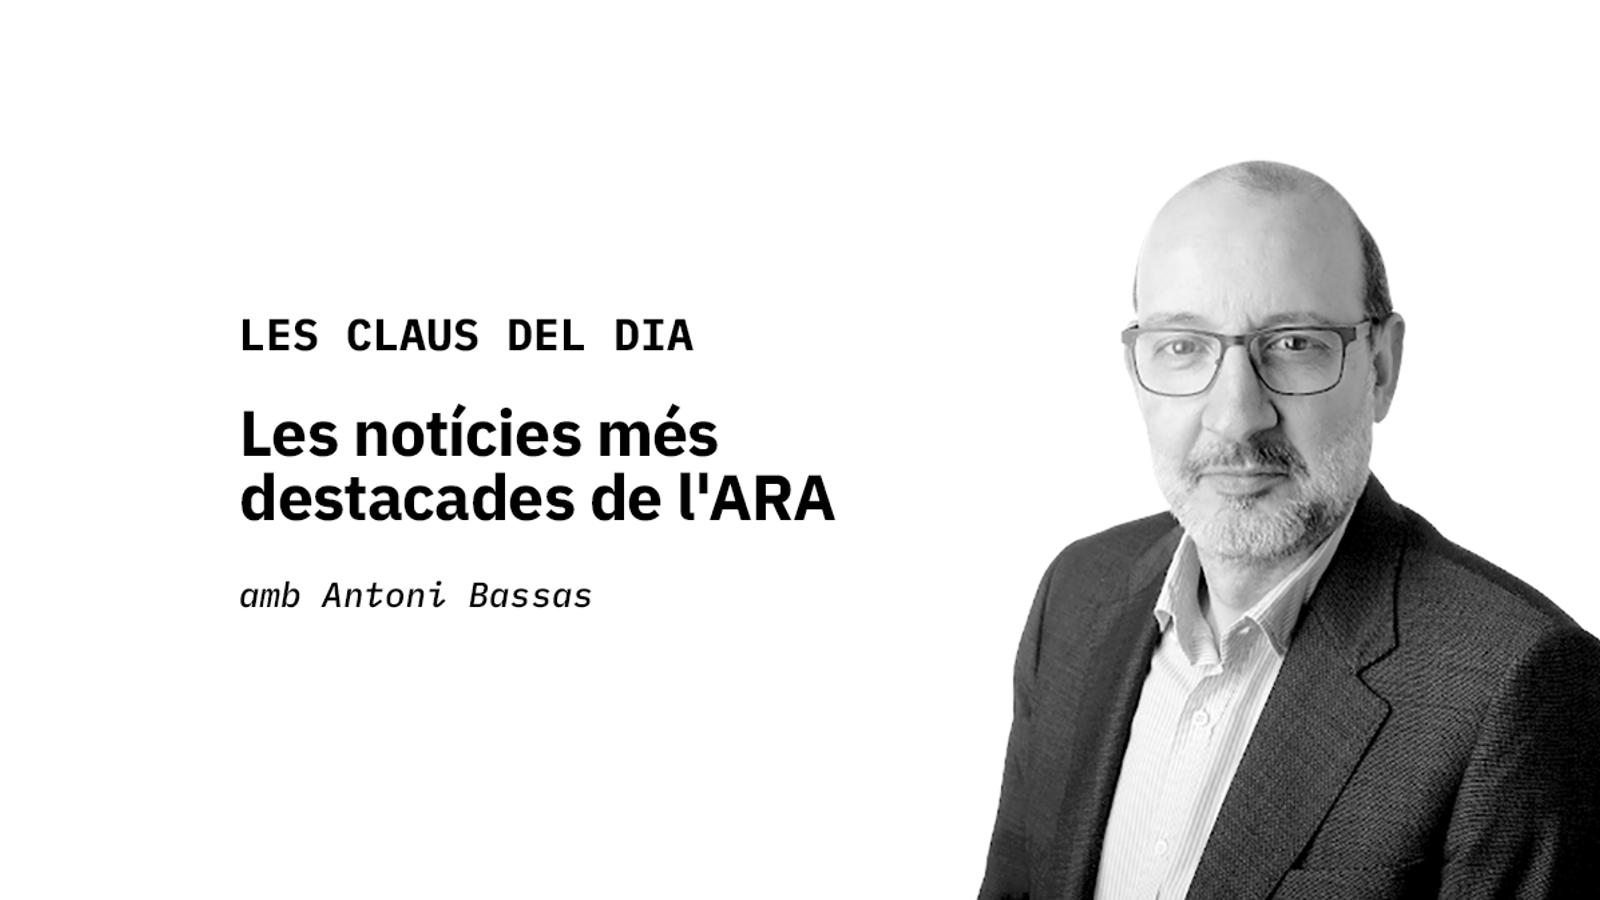 Les claus del dia amb Antoni Bassas